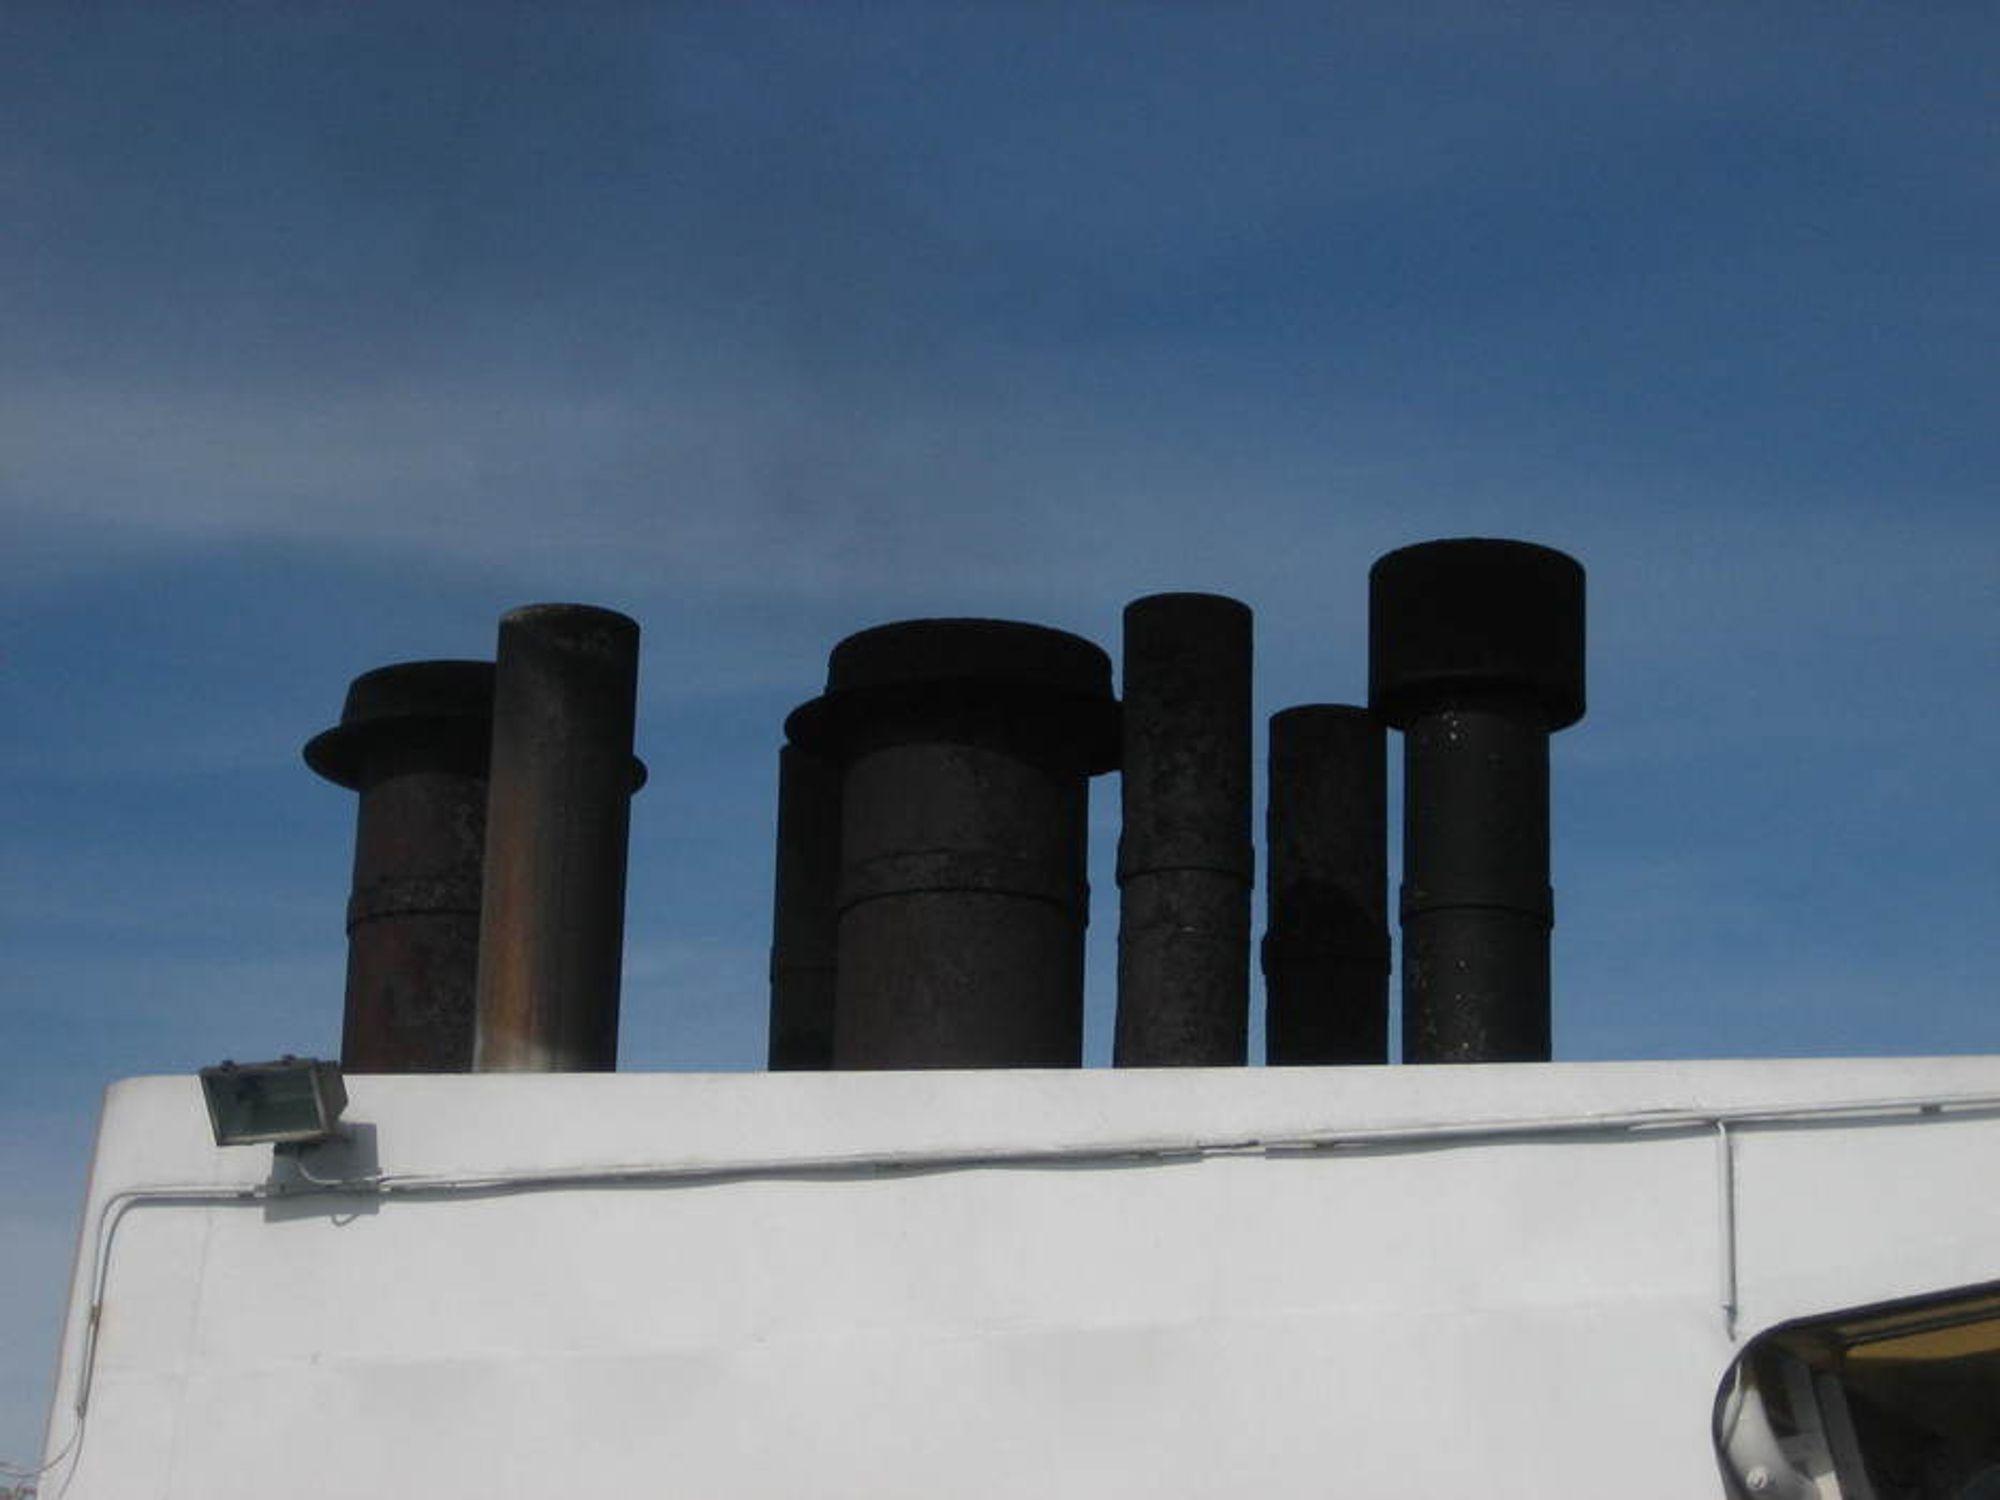 SKITT: Bunkersolje og marin diesel som brukes i skip medfører store utslipp av både CO2, NOx, SOx og partikler. Med unntal av CO2, skaper de resterende utslippene store helseplager for mennesker.